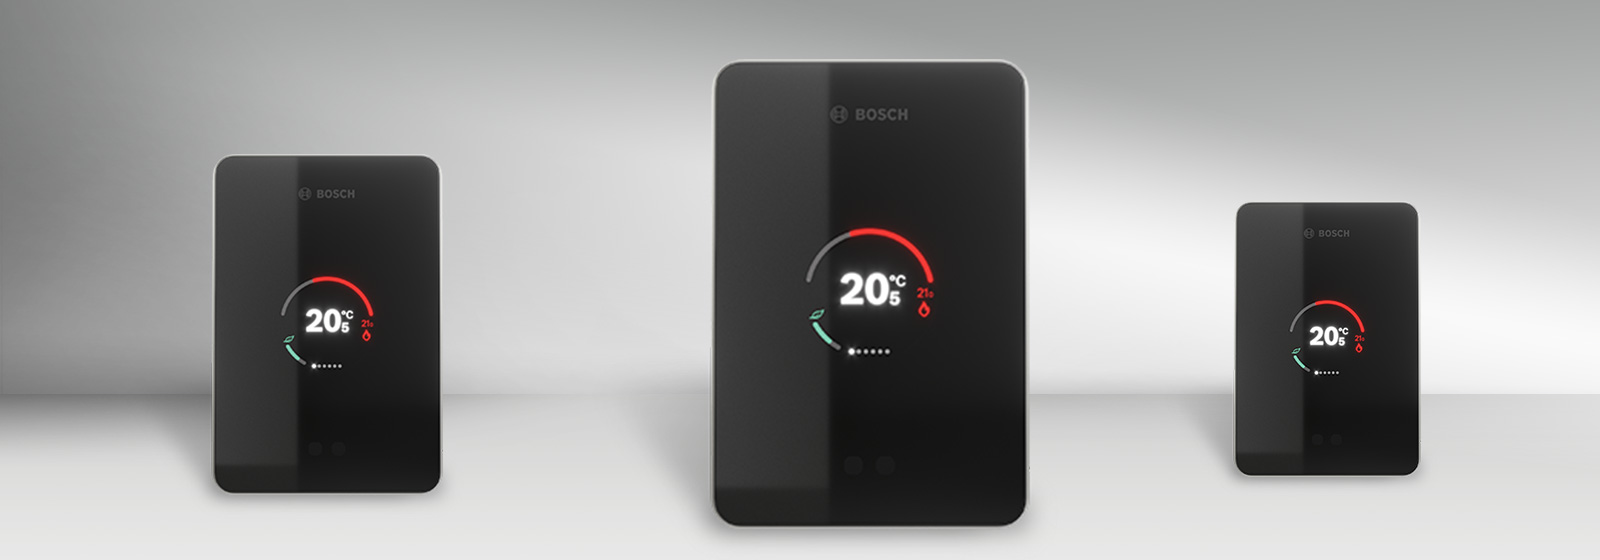 Bosch otwiera sezon grzewczy, prezentując nową odsłonę kampanii wizerunkowej #LikeABosch